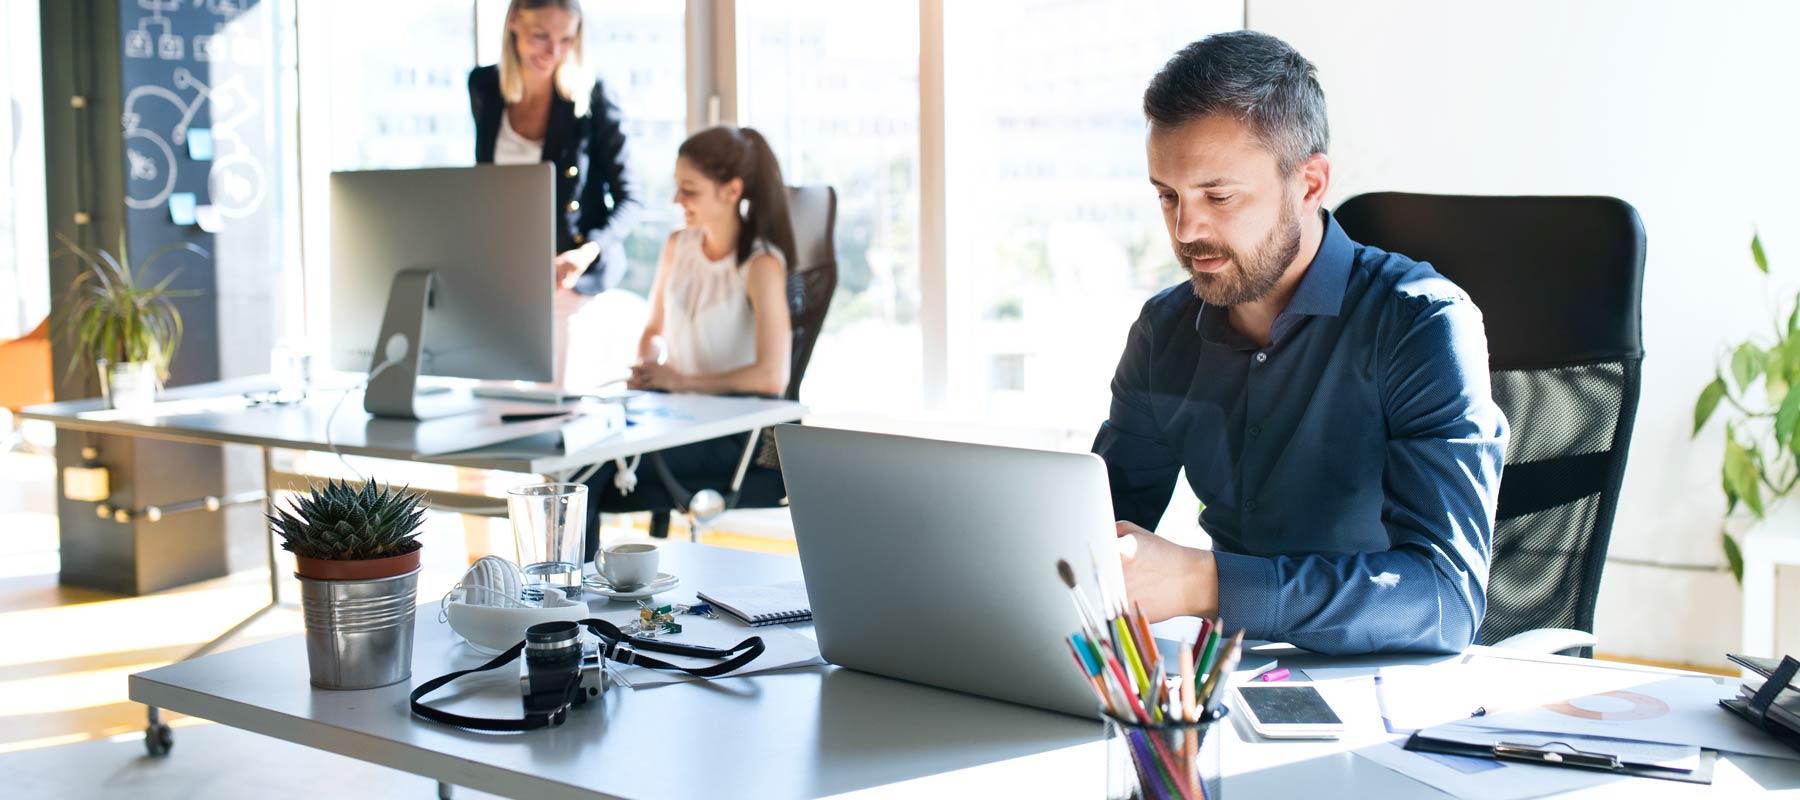 staff working in a digital agency office